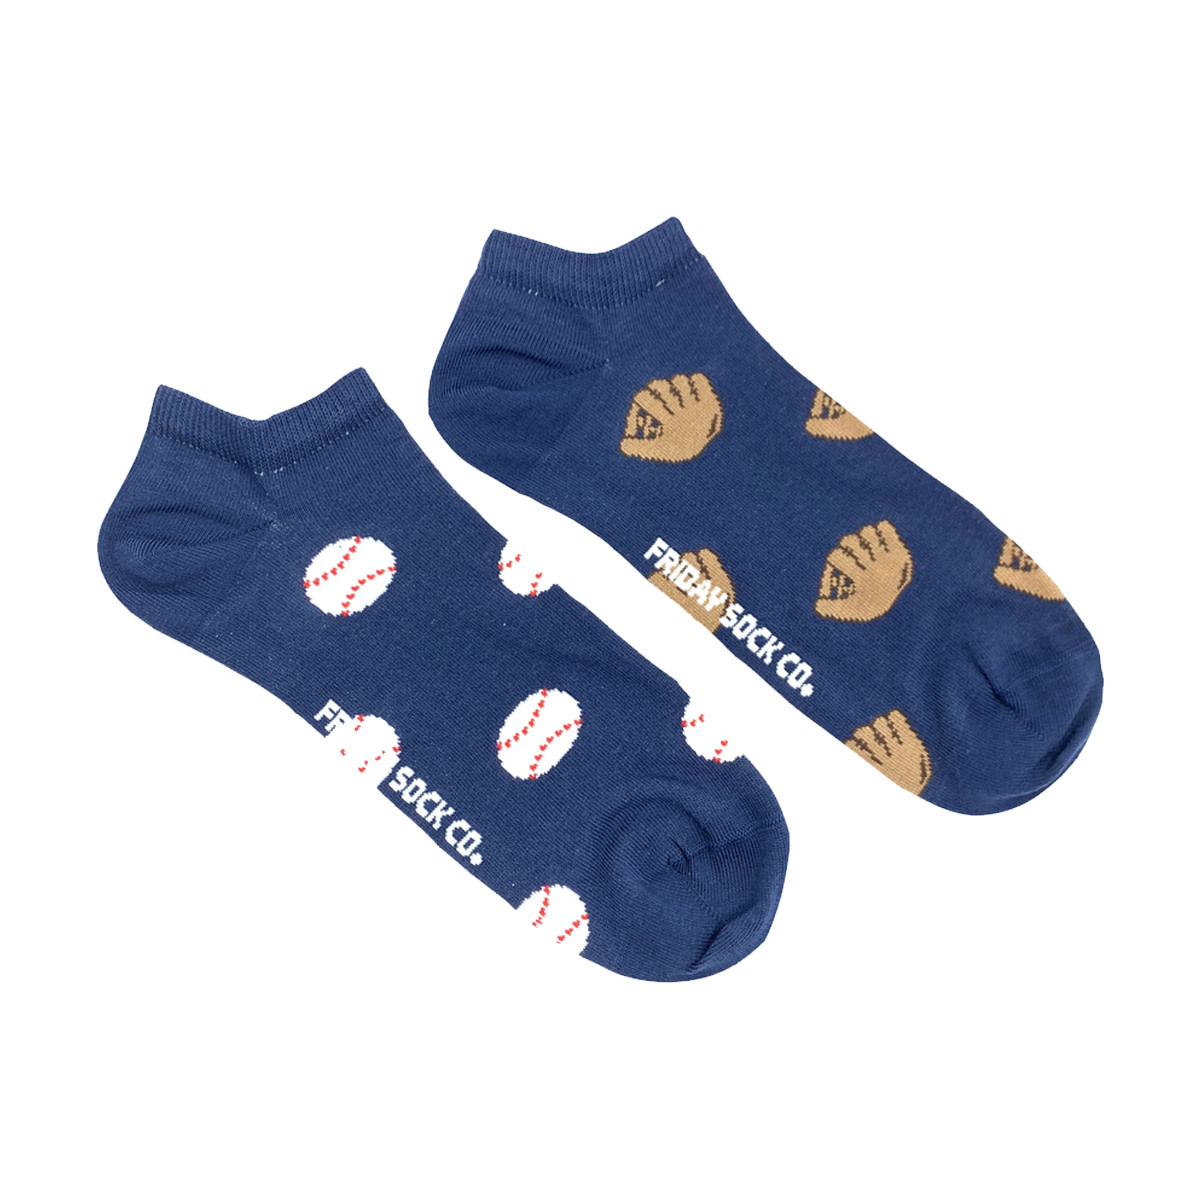 Friday Sock Co. Friday Sock Co. Men's Baseball & Glove Ankle M 7 - 12 (W 8 - 13)